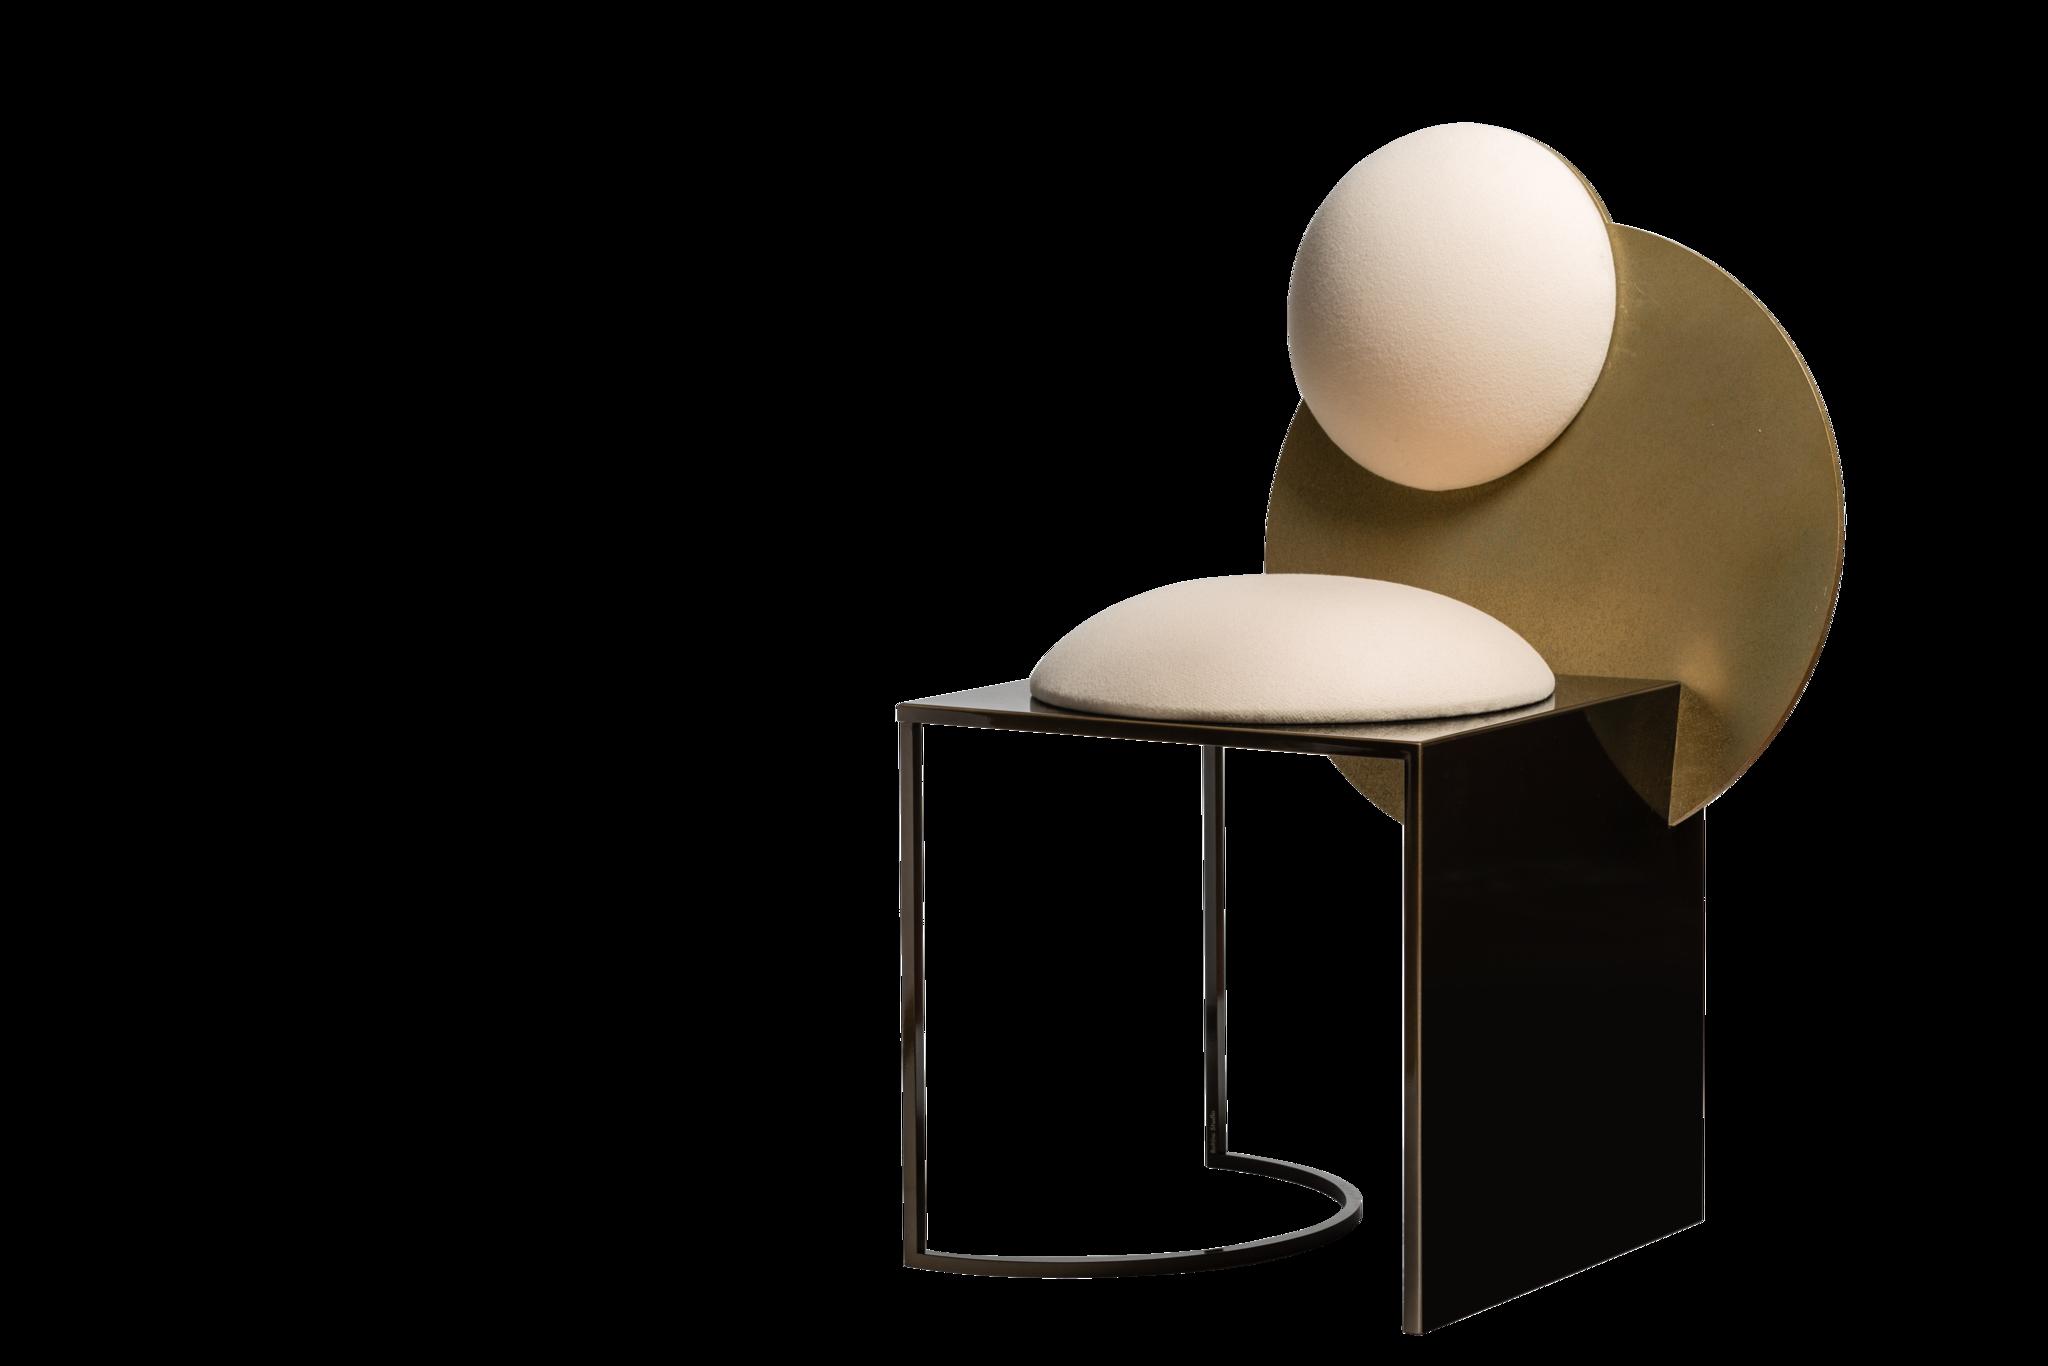 Bohinc Studio Celeste Chair in Steel and Wool